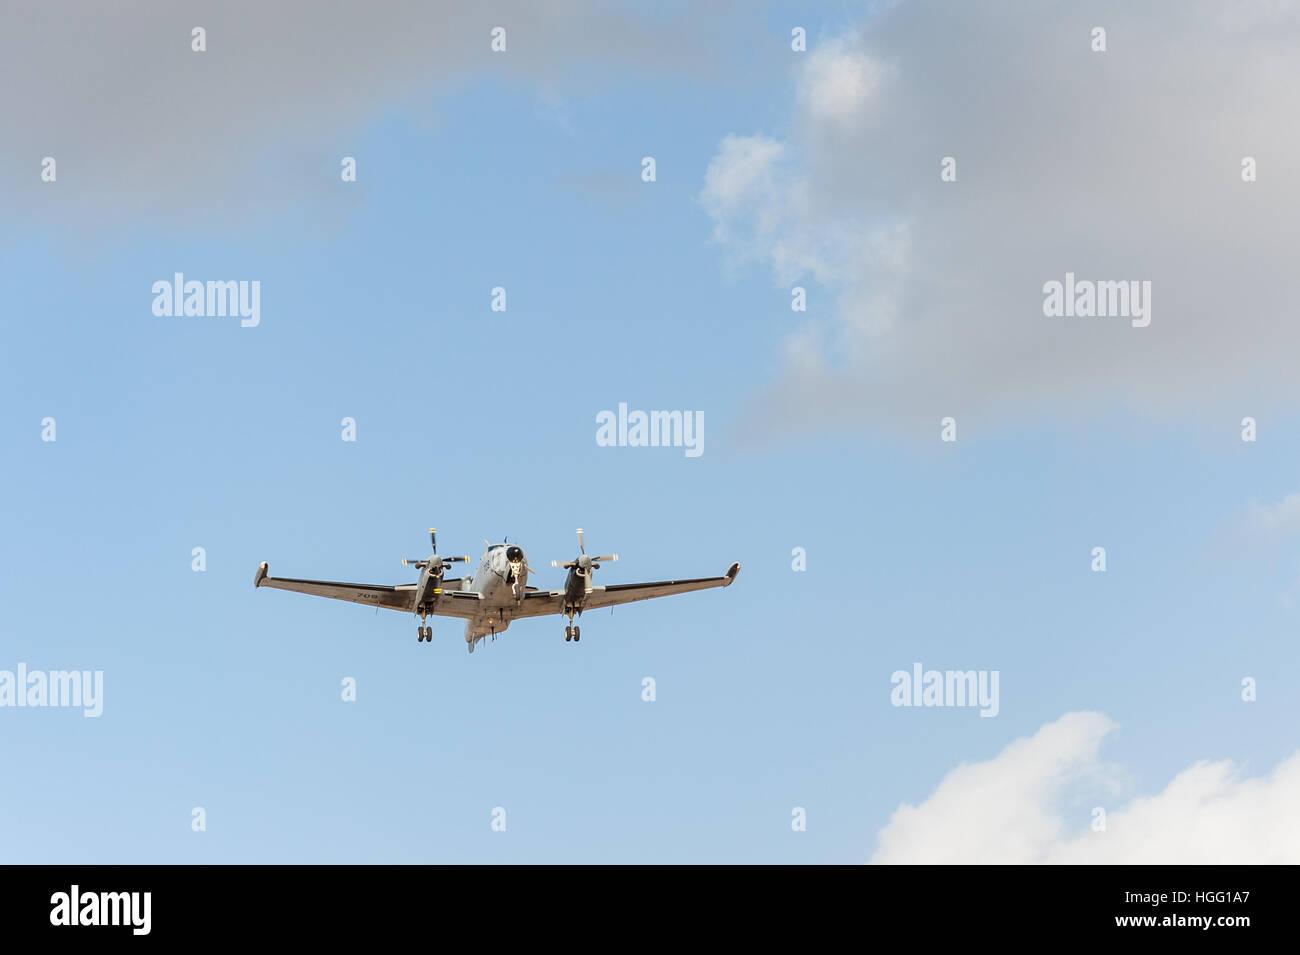 Israel, Tel Aviv-Yafo, Beechcraft super king air - Stock Image